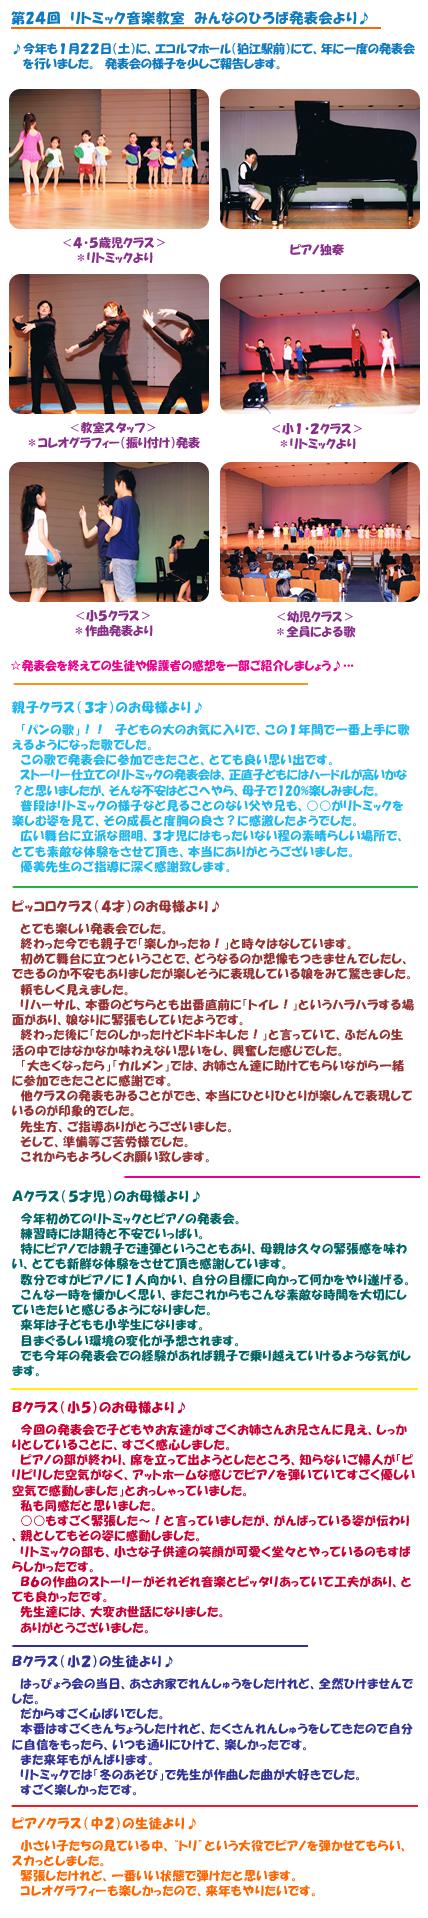 happyoukai_2011